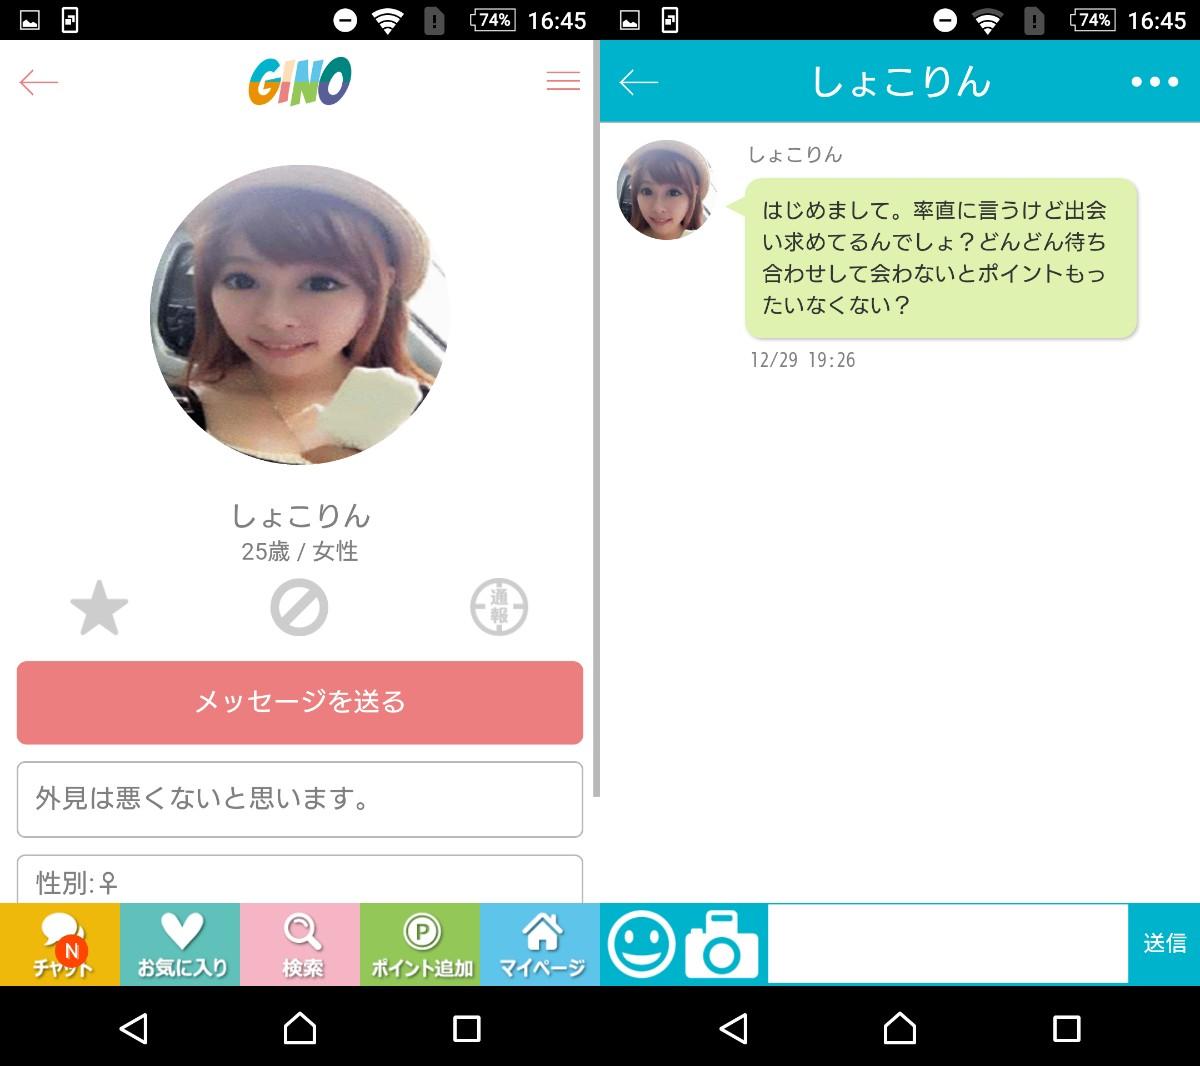 出会系チャットのジーノ 恋人探し&友達作りアプリで恋活トークサクラのしょこりん